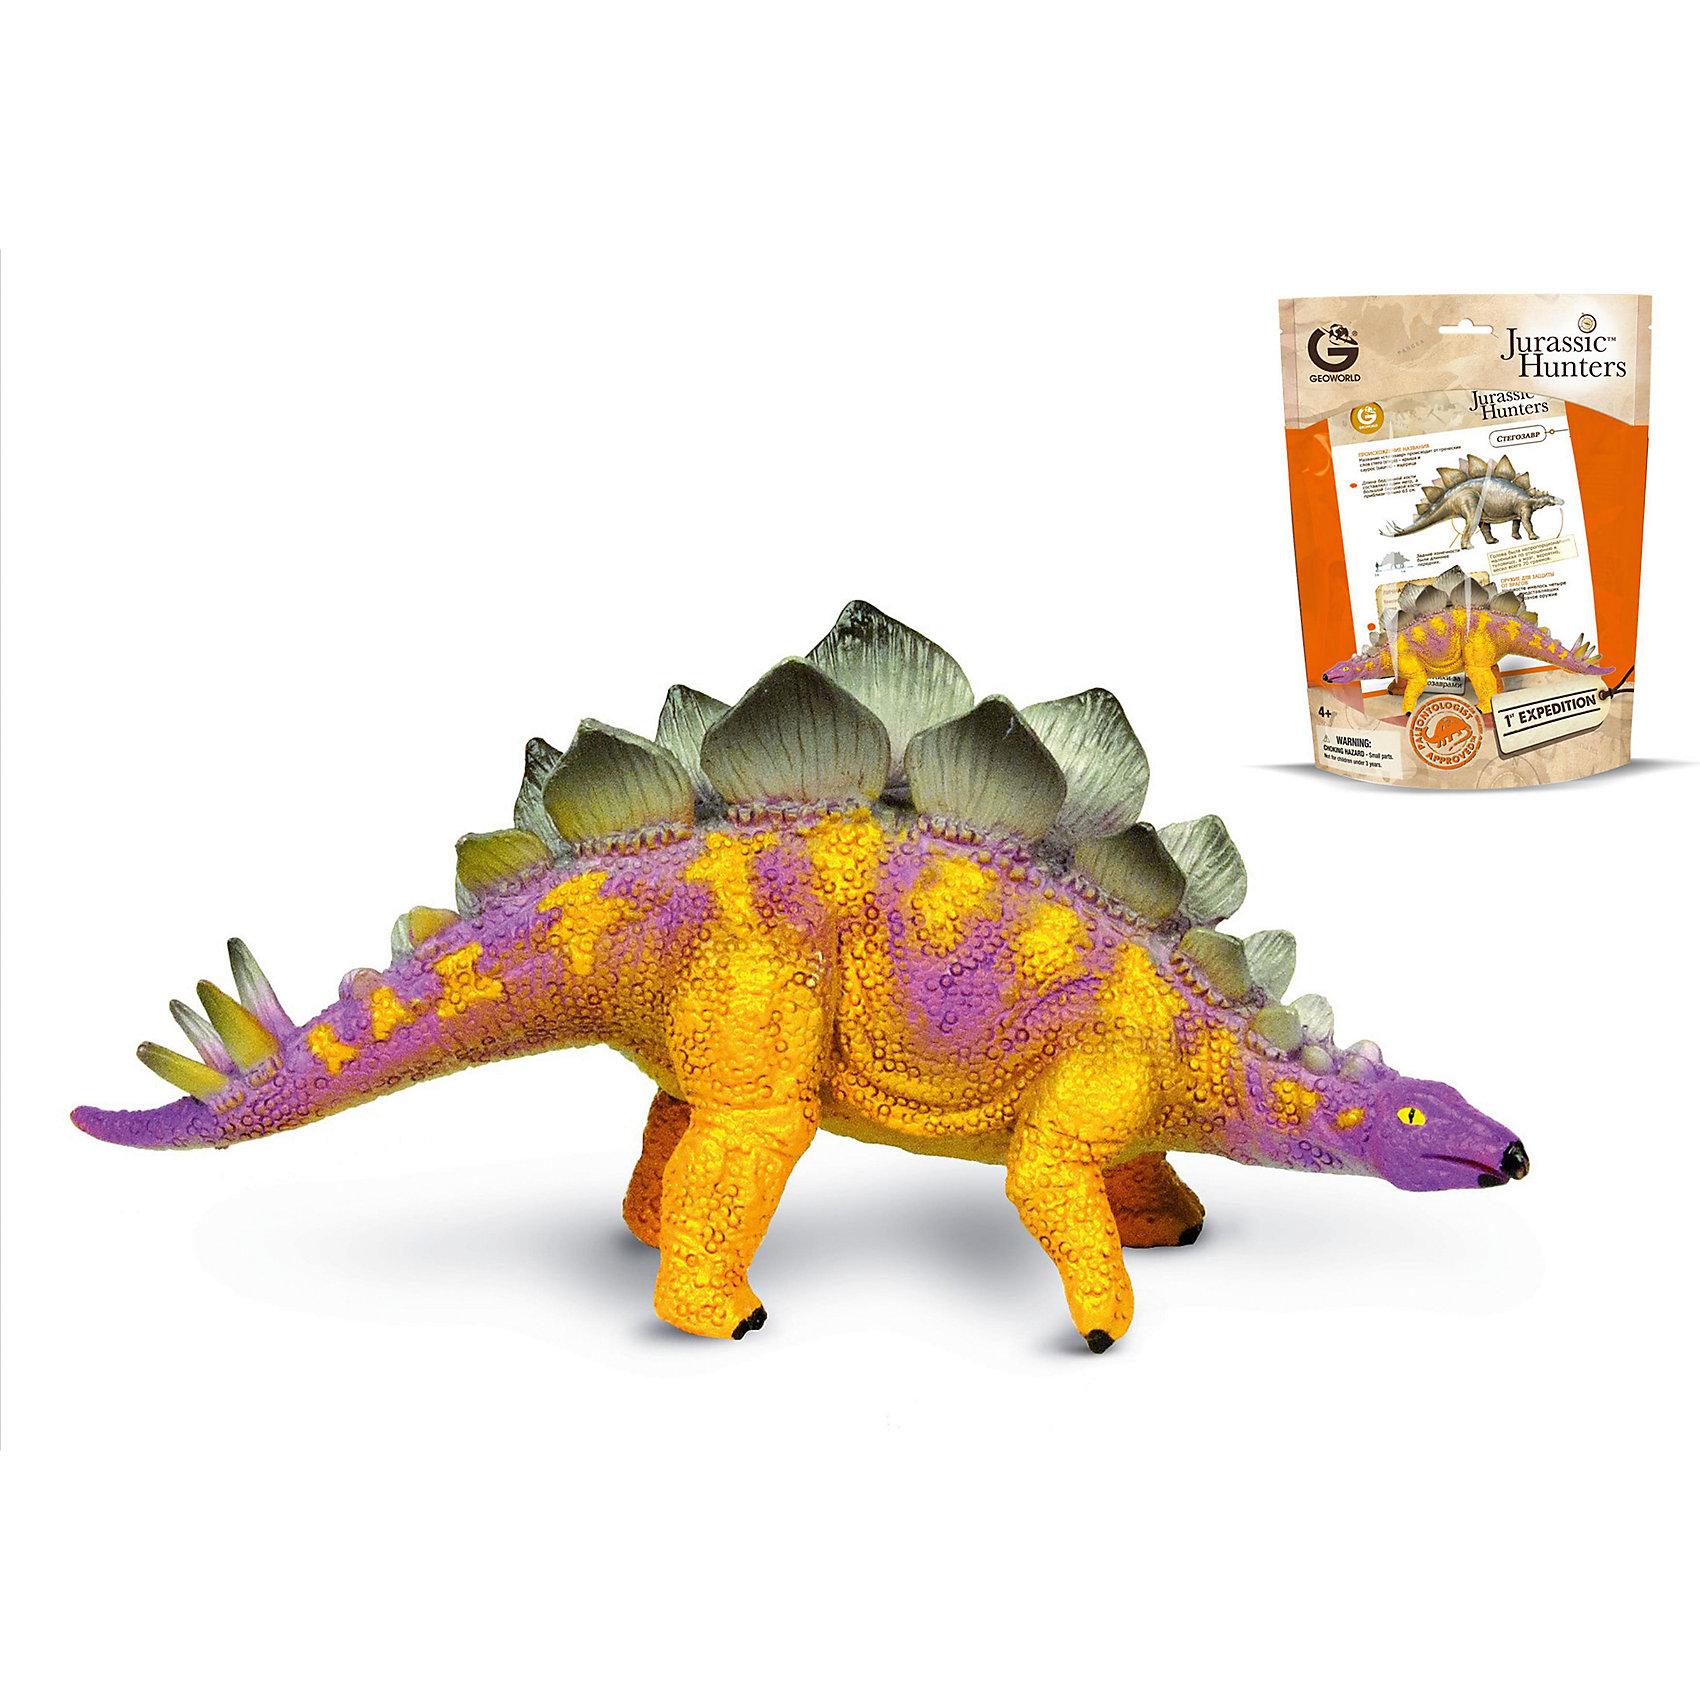 Динозавр Стегозавр, коллекция Jurassic Hunters», GeoworldДраконы и динозавры<br>Характеристики товара:<br><br>• материал: пластик<br>• возраст: от 4 лет<br>• длина игрушки: 15 см<br>• масштаб: 1:60<br>• в комплекте: фигурка динозавра, страница с научной информацией о динозавре, мини-буклет с указанием полной коллекции Jurassic Hunters (Охотников за Динозаврами).<br>• габариты упаковки: 34х21х8 см<br>• вес: 114 г<br>• страна бренда: Италия<br><br>Детализированная фигурка отлично впишется в коллекцию динозавров юного палеонтолога. Уникальный дизайн, проработанные мелкие детали и художественное исполнение сделали игрушку очень реалистичной и перенесли ее в раздел коллекционных моделей. Материалы, использованные при изготовлении товаров, проходят проверку на качество и соответствие международным требованиям по безопасности.<br>Такие фигурки помогают привить детям любовь к учебе, развить воображение и интерес к коллекционированию.<br><br>Динозавр Стегозавр, коллекция Jurassic Hunter, от бренда Geoworld можно купить в нашем интернет-магазине.<br><br>Ширина мм: 210<br>Глубина мм: 80<br>Высота мм: 270<br>Вес г: 114<br>Возраст от месяцев: 48<br>Возраст до месяцев: 108<br>Пол: Унисекс<br>Возраст: Детский<br>SKU: 5418989